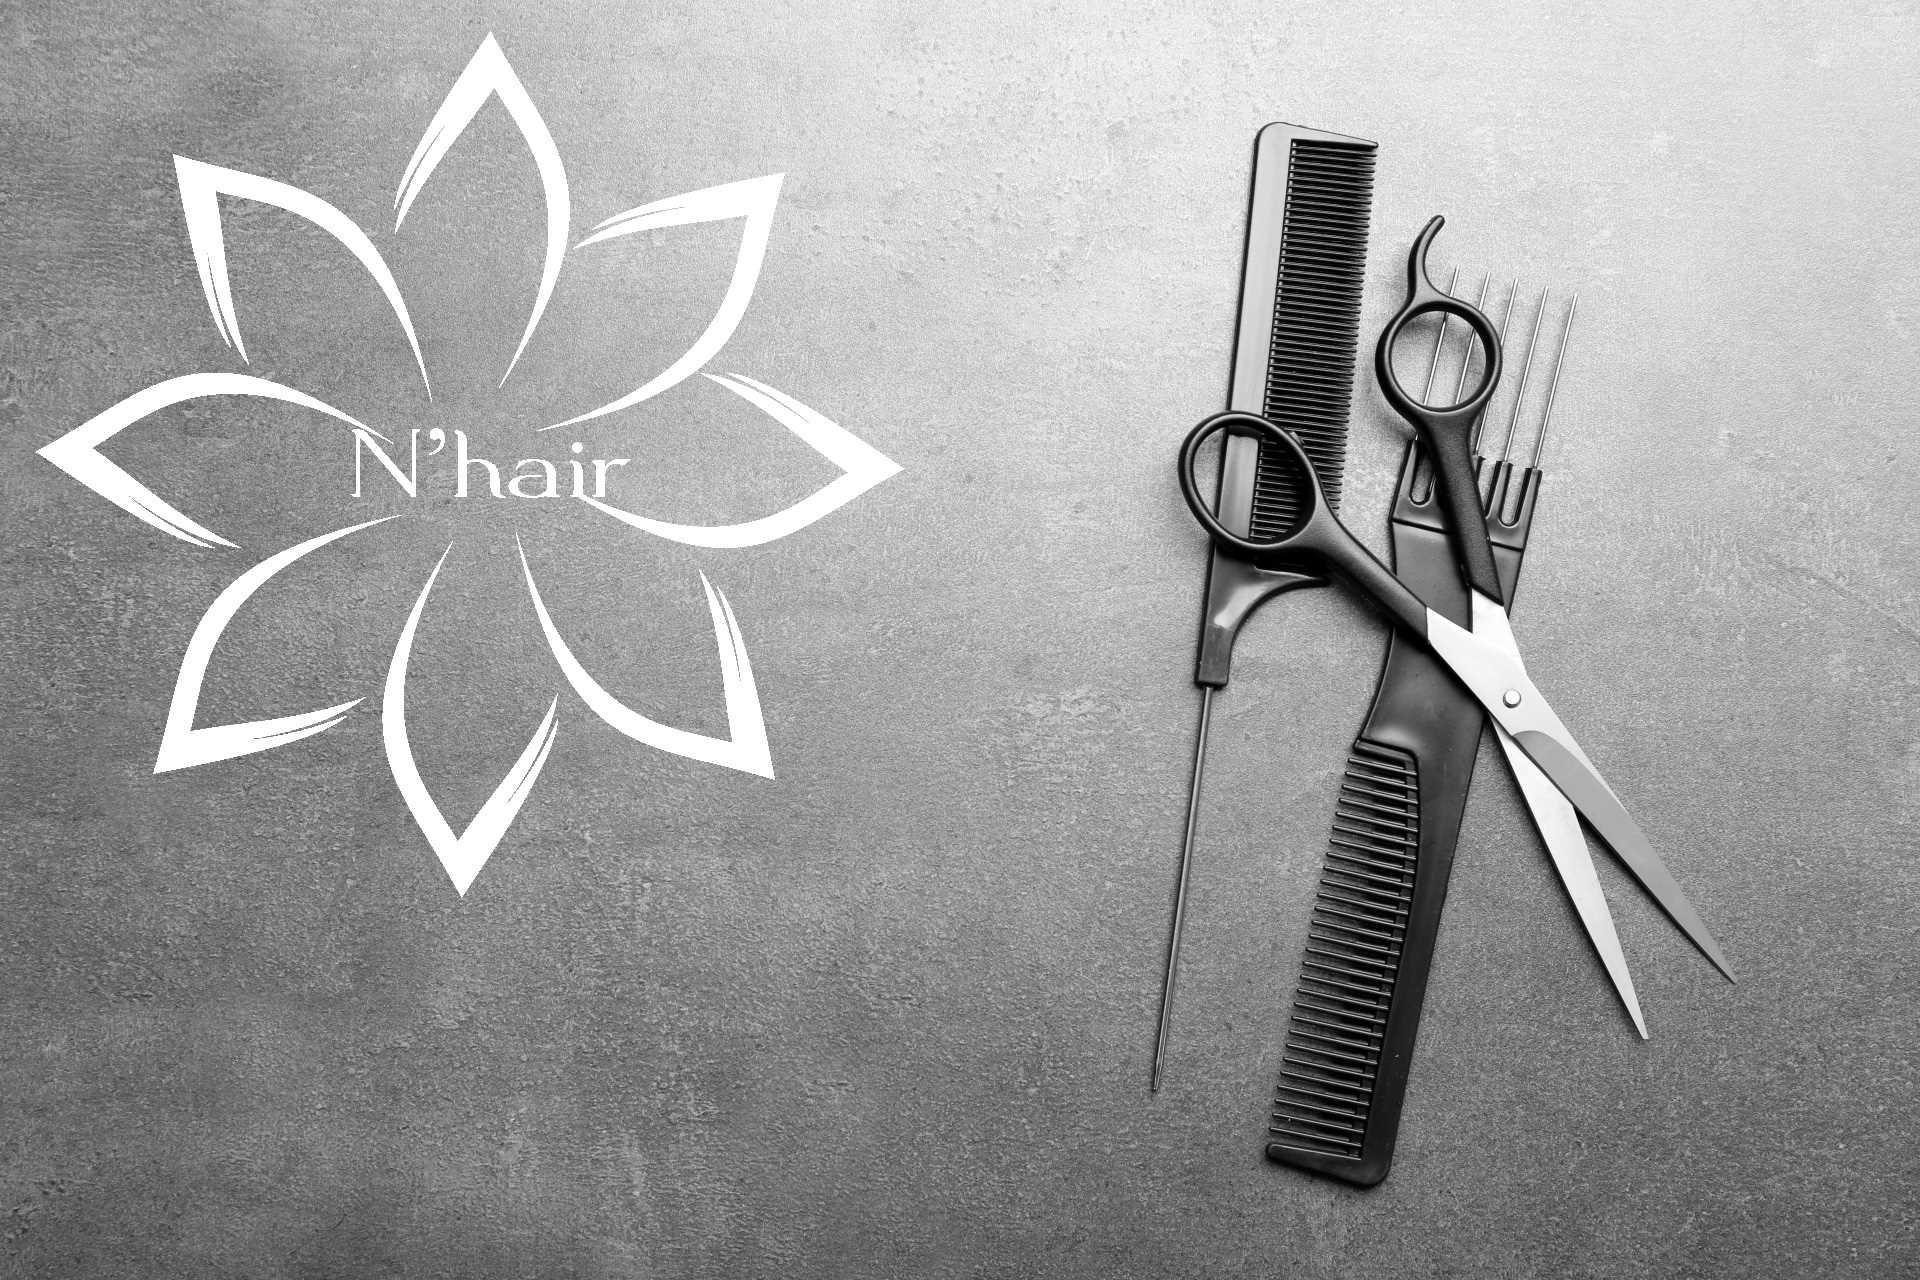 N 39 hair logiciel de salon de coiffure norme 2018 logiciel coiffeur - Logiciel de salon de coiffure ...